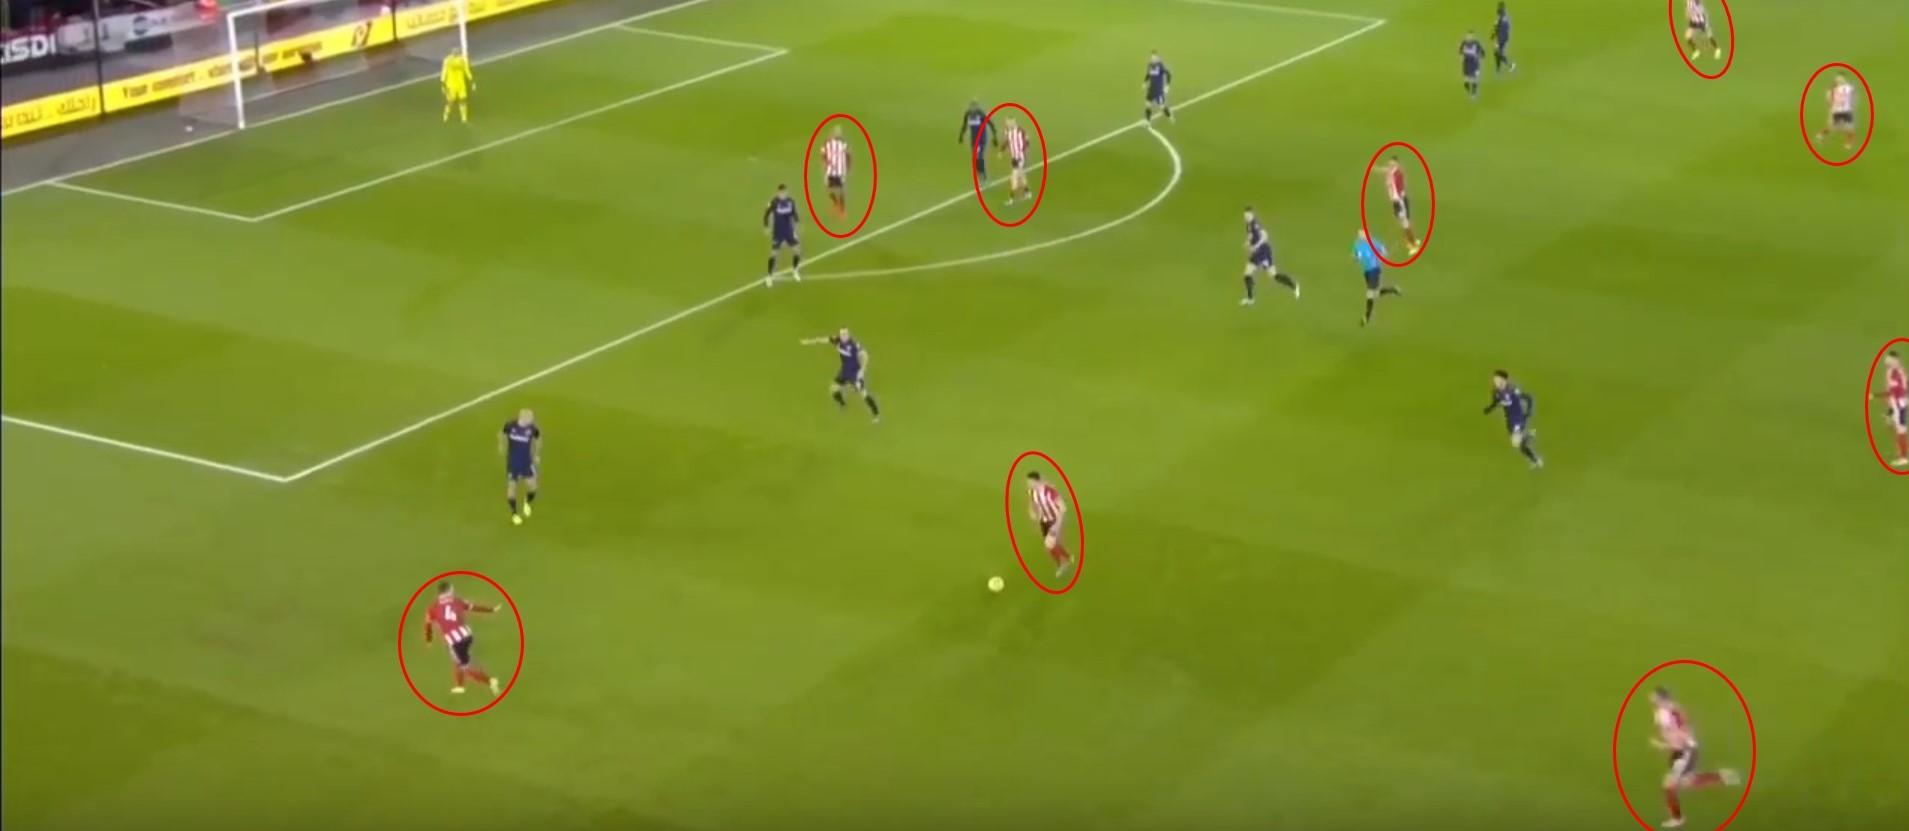 Premier League 2019/20: Sheffield United vs West Ham - tactical analysis tactics